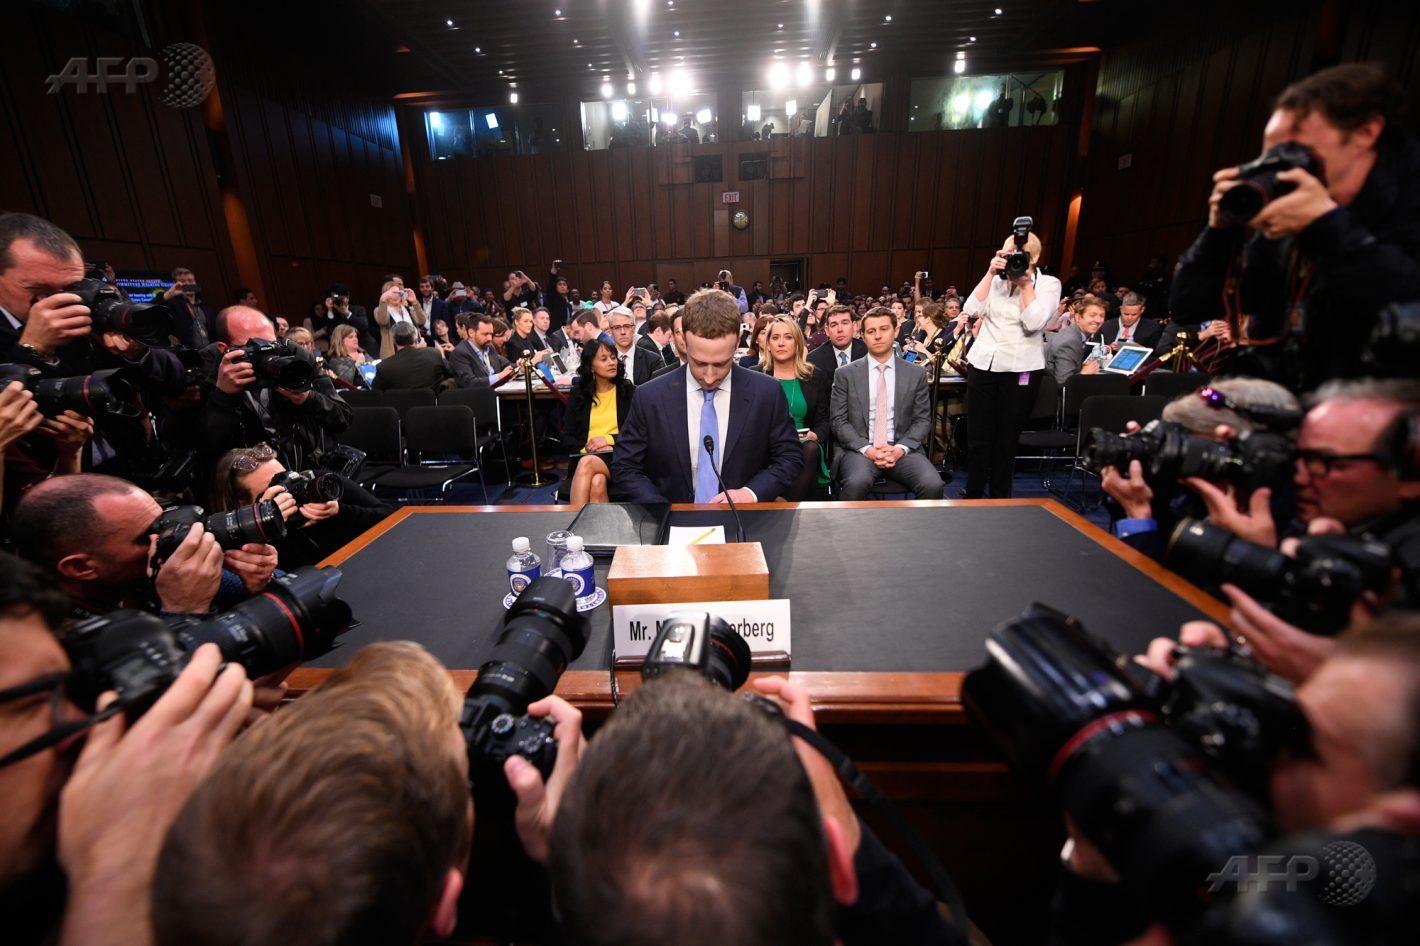 10 avril 2018 – Washington – Le patron de Facebook, Mark Zuckerberg s'apprête à témoigner devant les comités du Commerce, des Sciences et des Transports ainsi que du comité de la magistrature du Sénat au Capitole. AFP / JIM WATSON